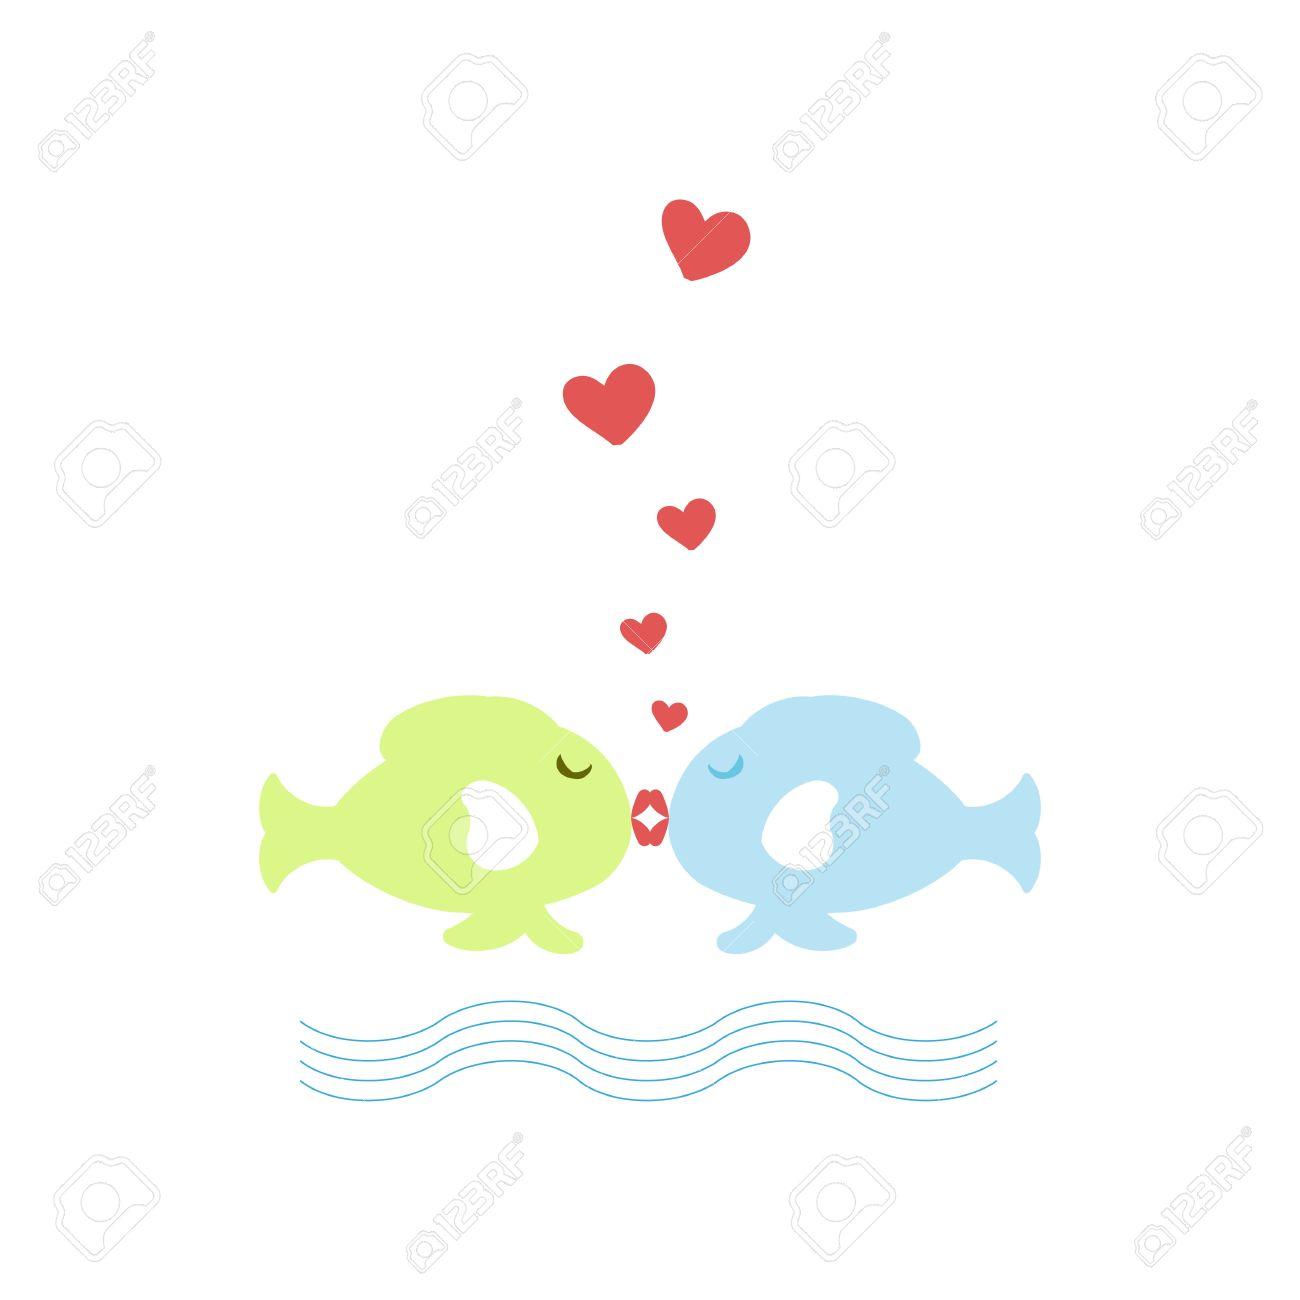 acquario e pesci affinità di coppia: langolo di lilith: il giorno ... - Acquario Ascendente Pesci Affinità